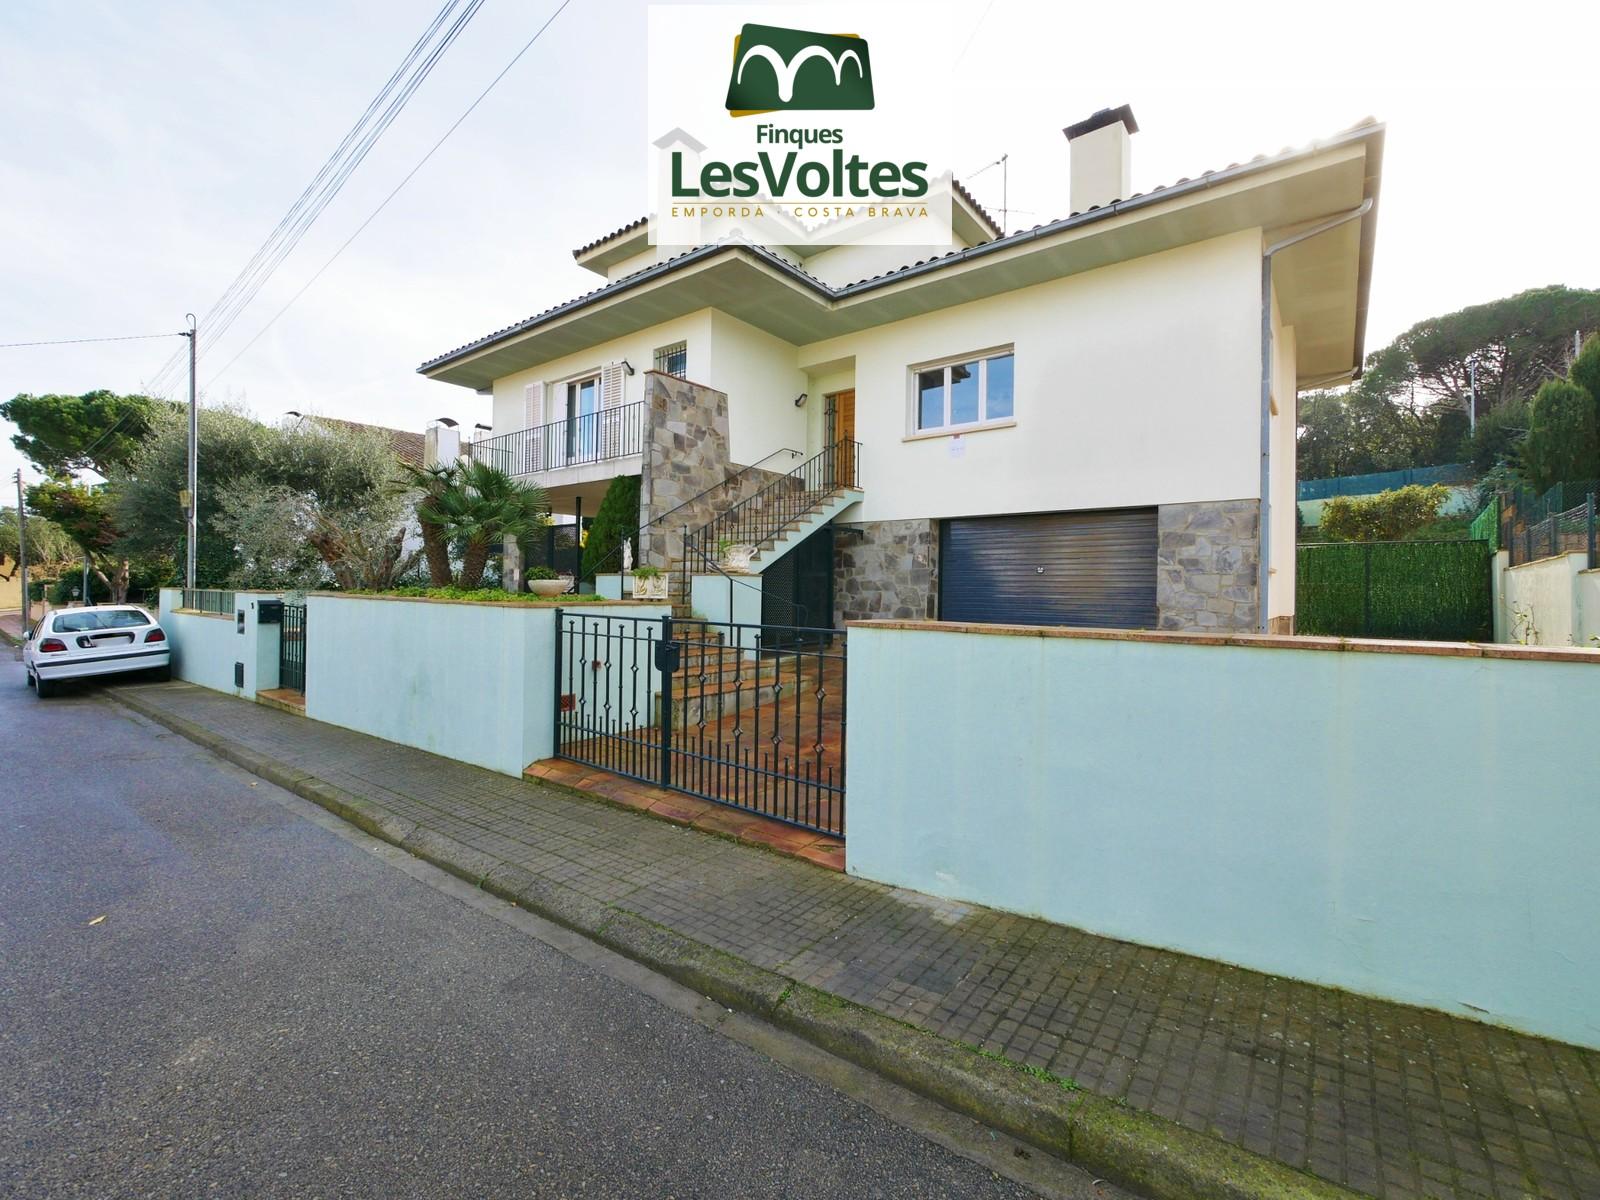 Magnífica casa unifamiliar amb jardí i piscina en lloguer a Palafrugell. Casa impecable a punt per entrar-hi a viure.